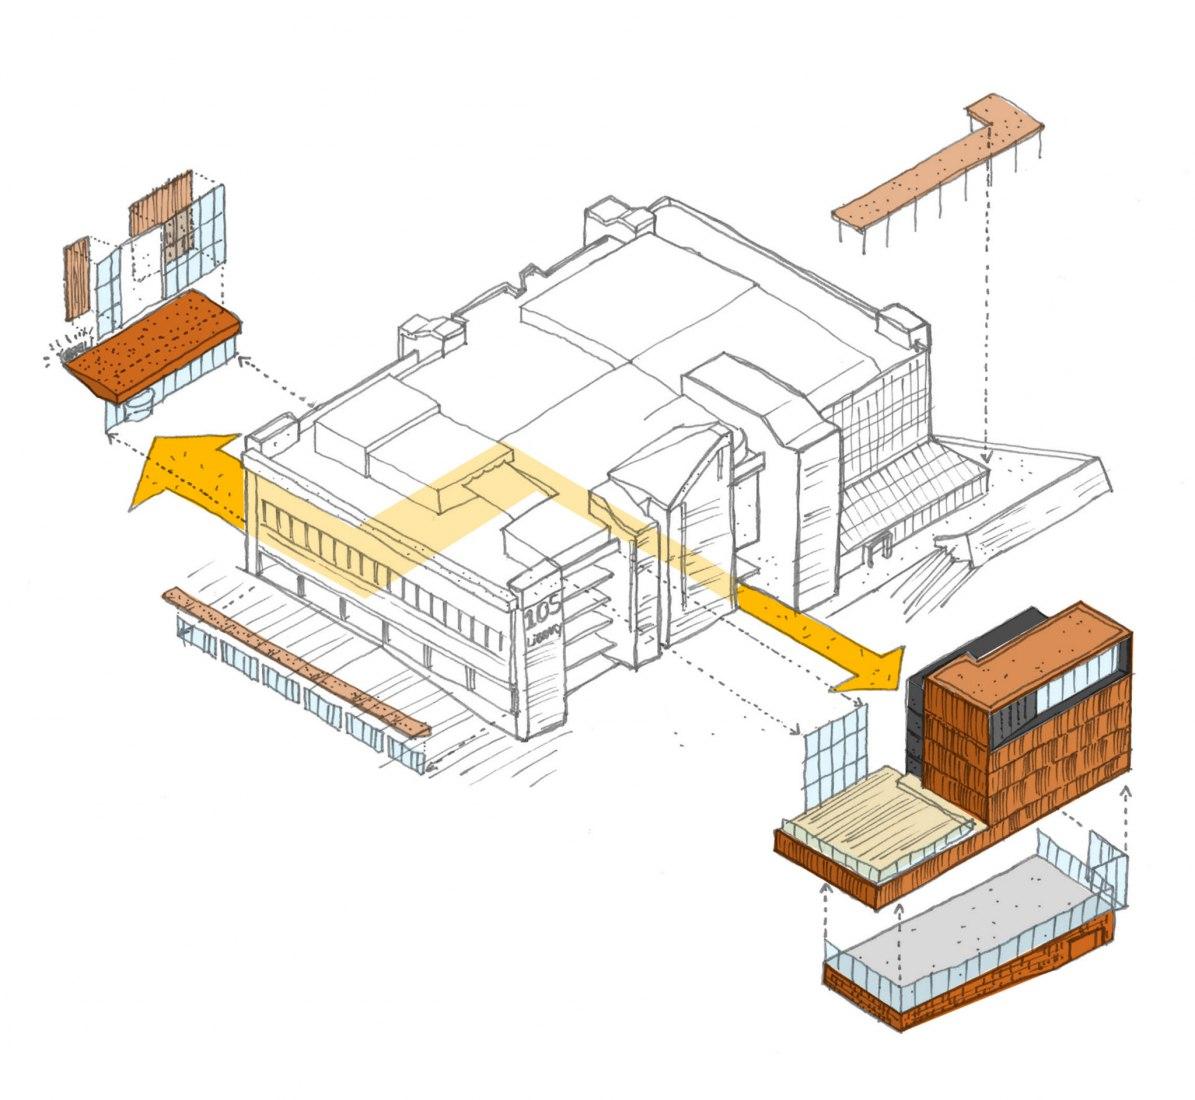 Bocetos. La remodelación de la Biblioteca de la Universidad Curtin por SHL Architects.